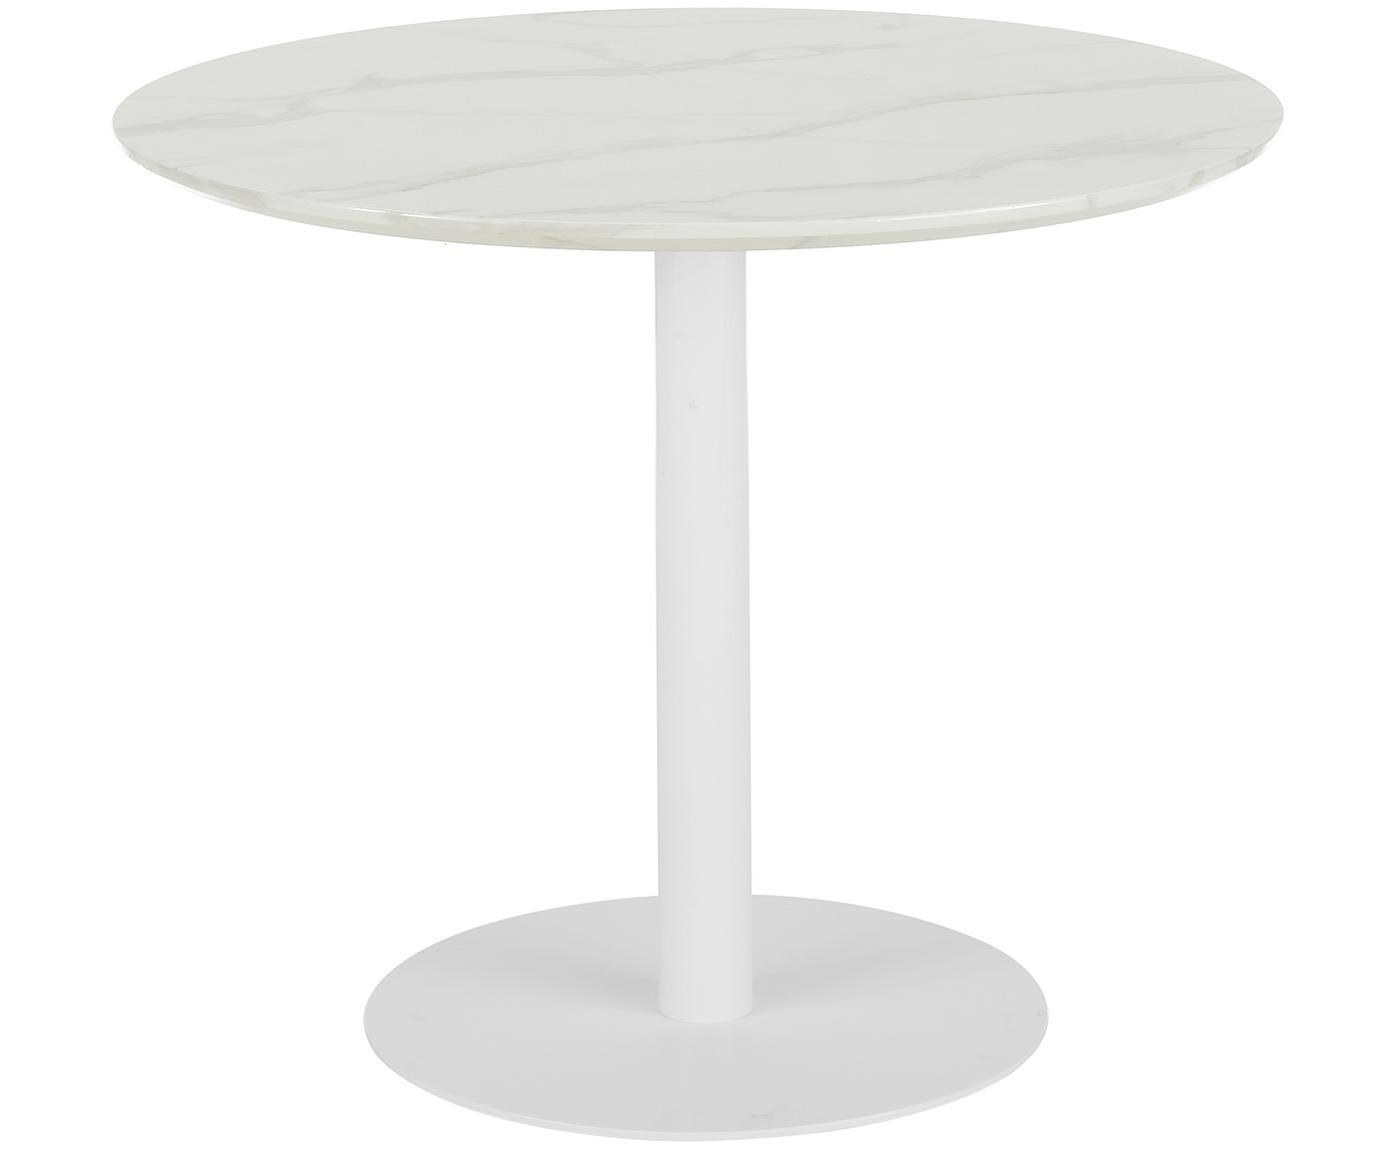 Mesa de comedor redonda en aspecto mármol Karla, Tablero: tablero de fibras de dens, Estructura: metal con pintura en polv, Tablero: blanco veteado Base: blanco mate, Ø 90 x Al 75 cm